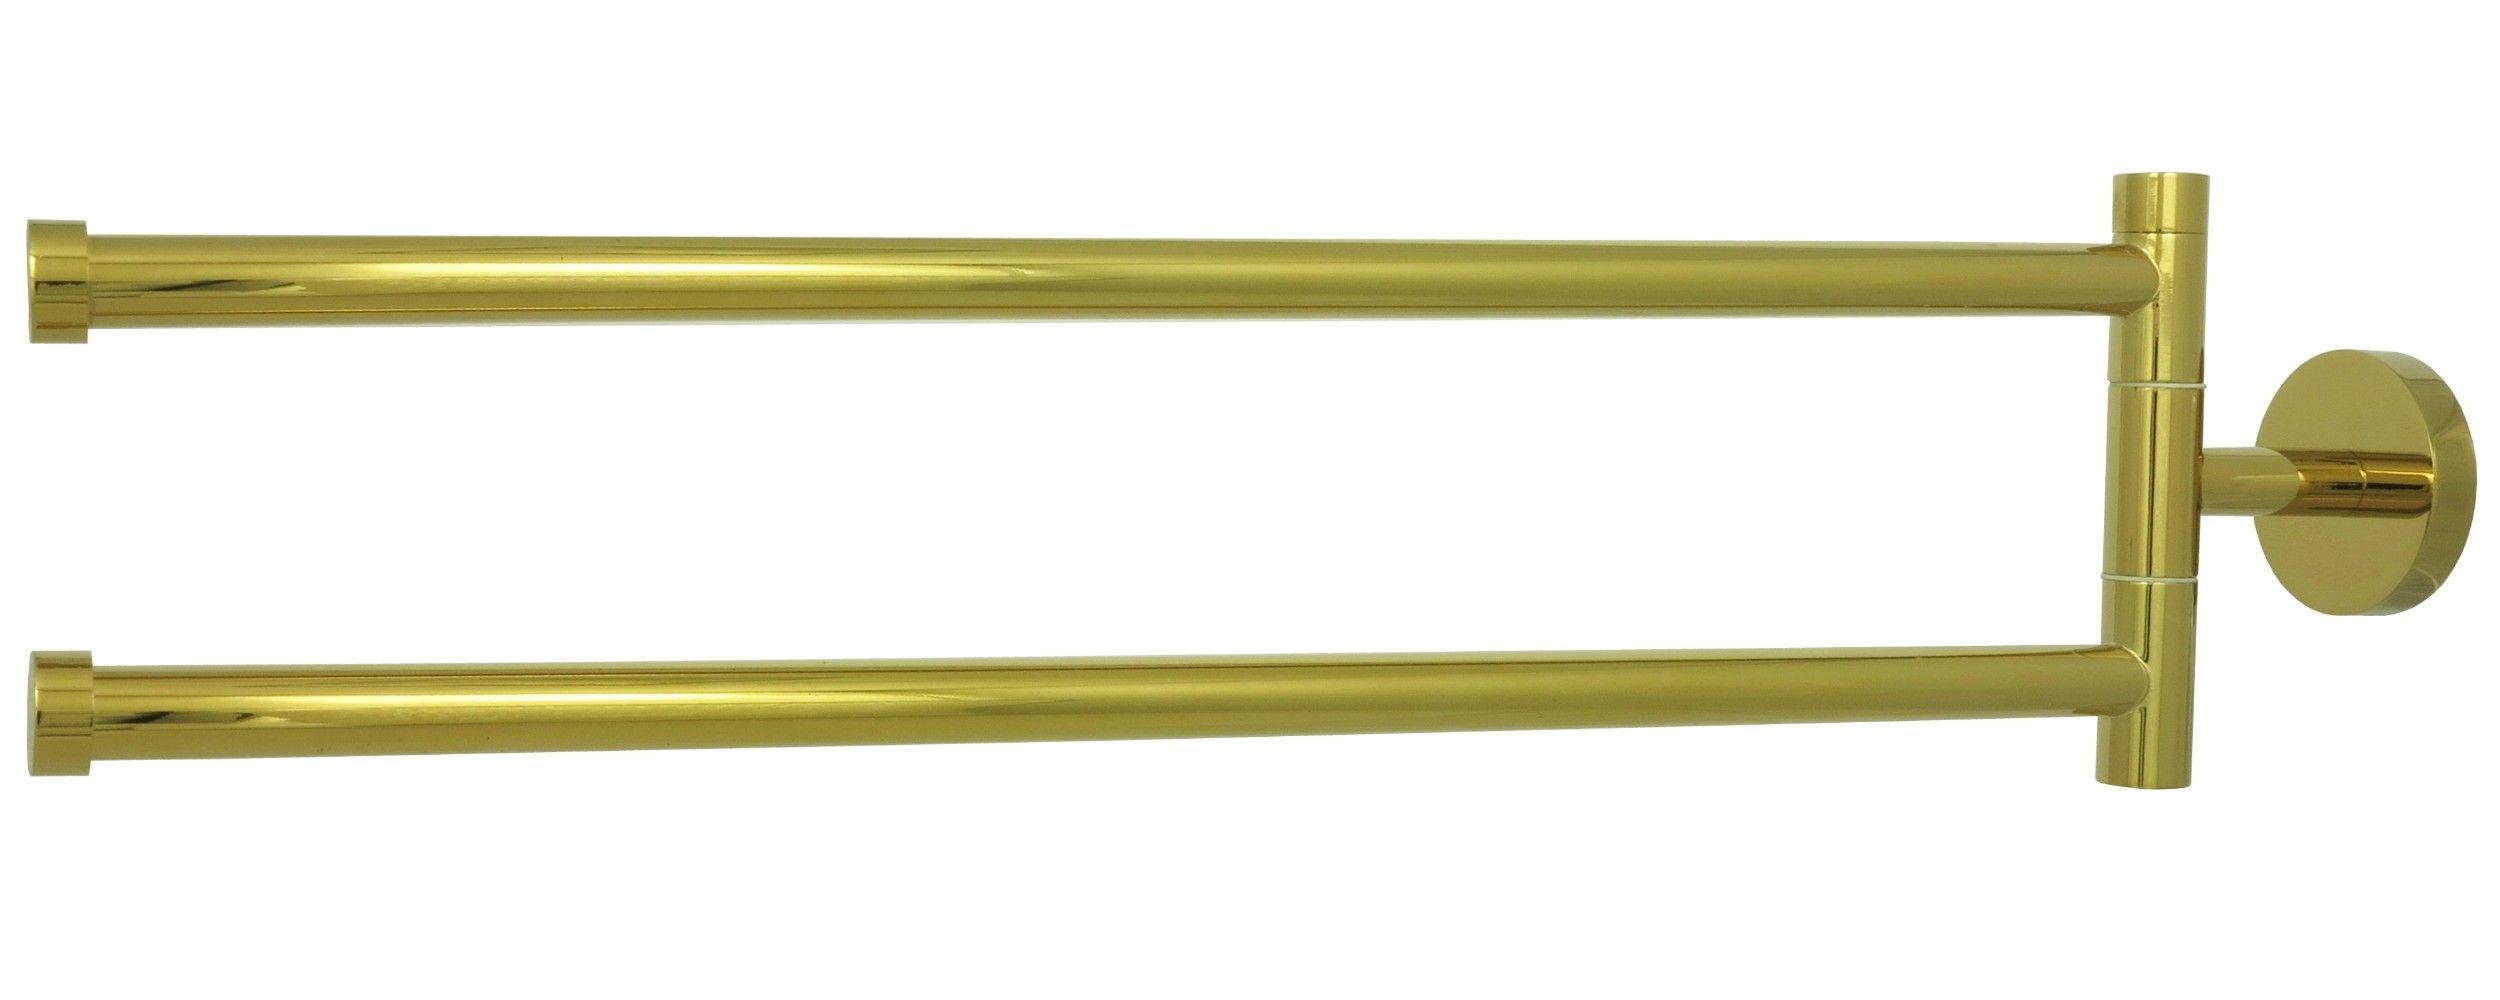 retro 2 fach handtuchhalter handtuchstange wand stangen halter gold a6001 badarmaturen. Black Bedroom Furniture Sets. Home Design Ideas